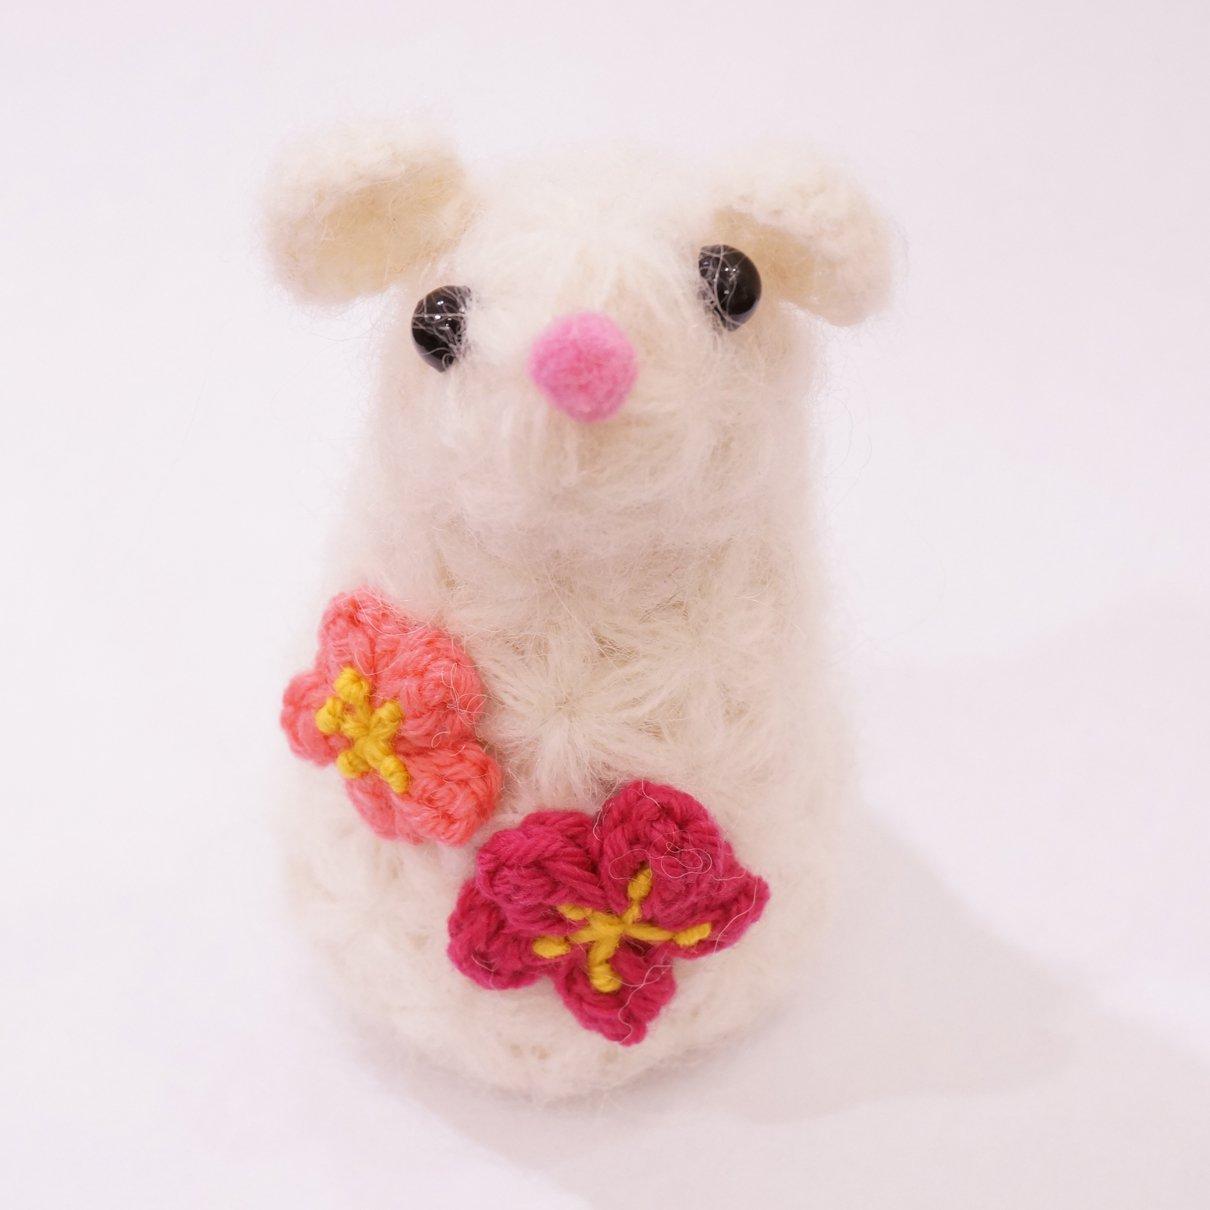 ネズミ編みぐるみ(製品)-限定5体